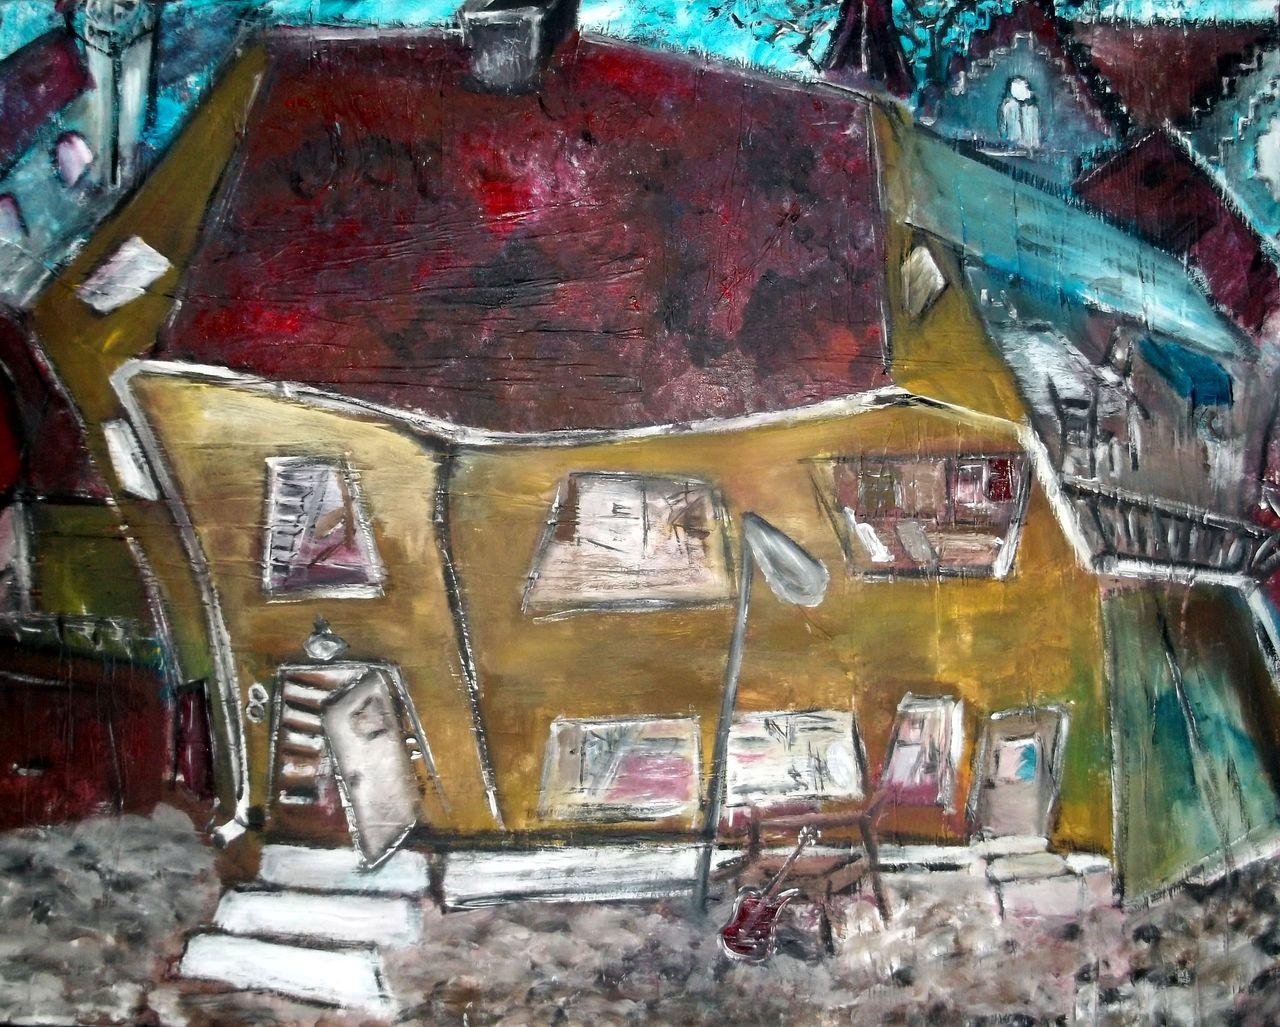 Bild Heim Haus H Tte Abstrakt Von Claudiagrenz Bei